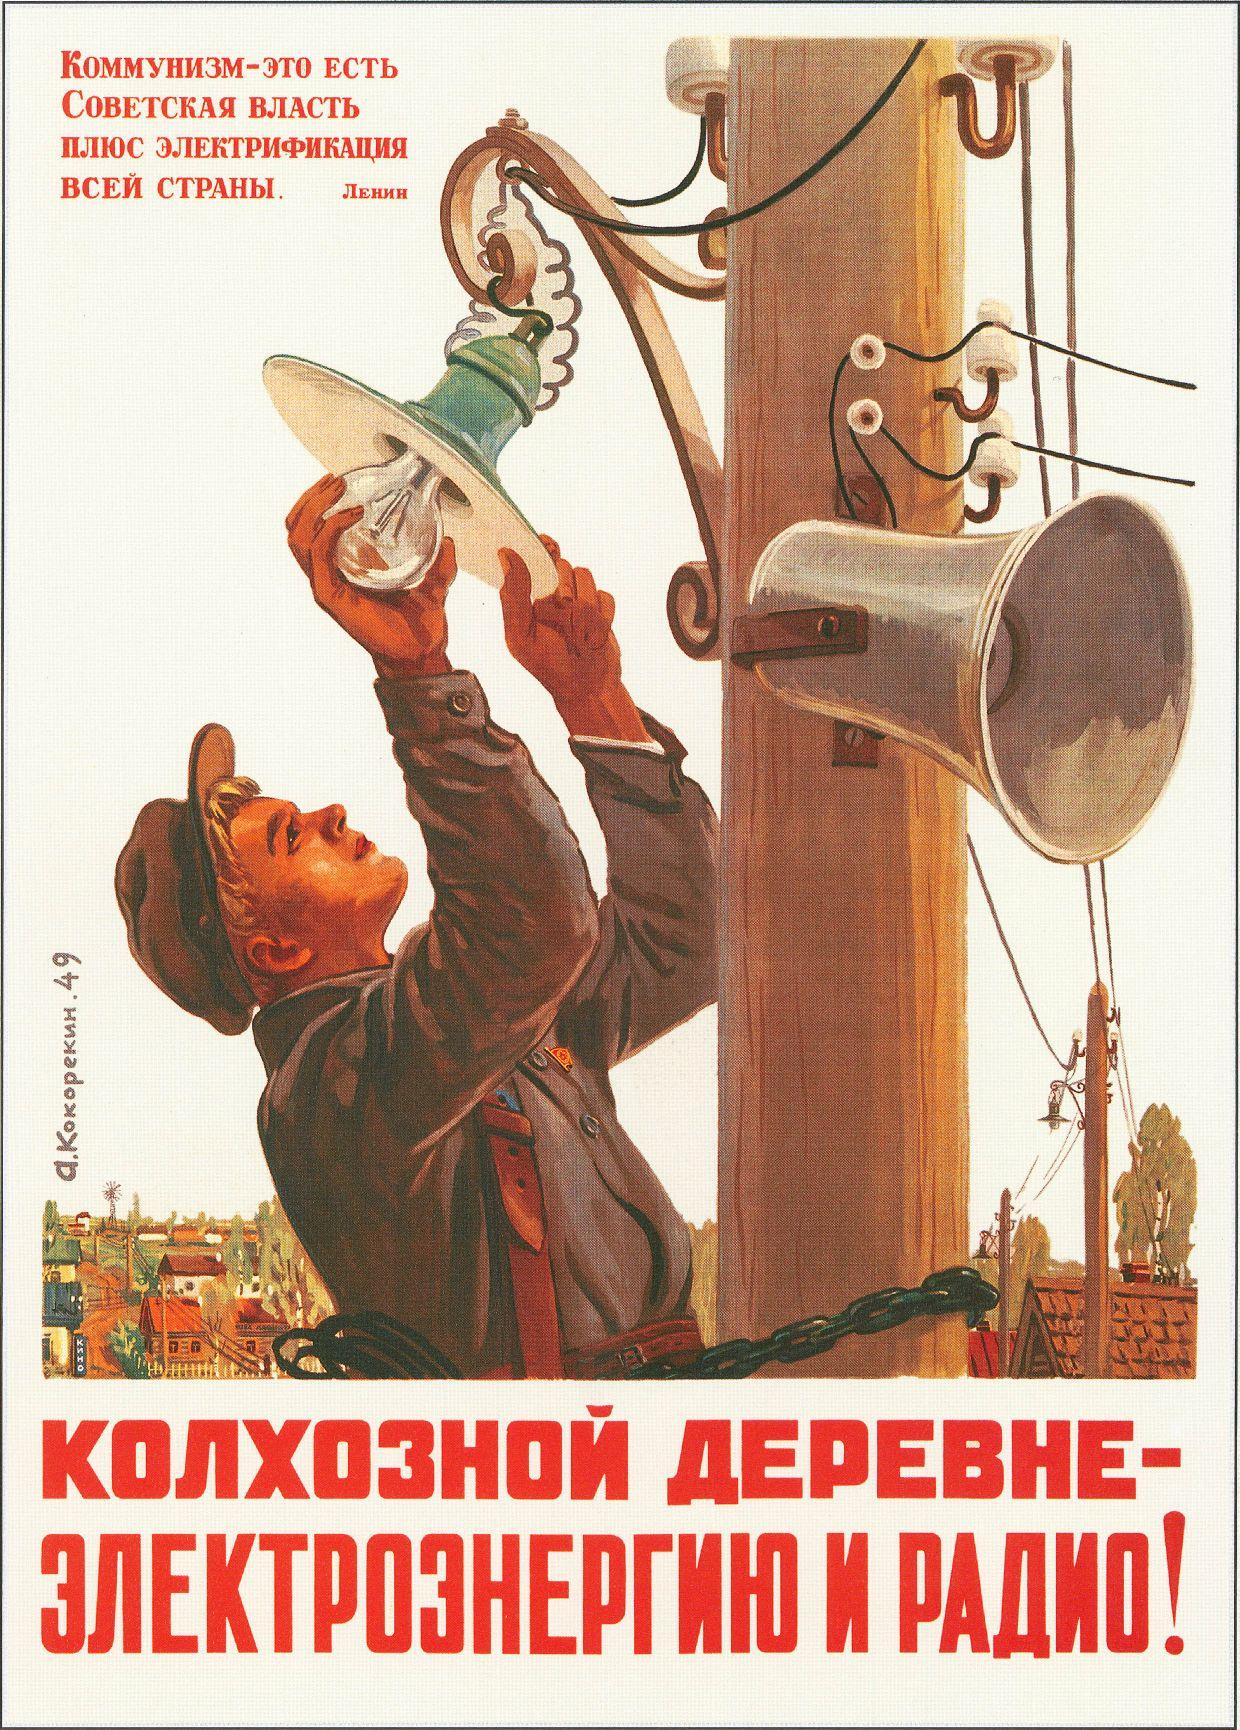 плакат энергетика колхозам